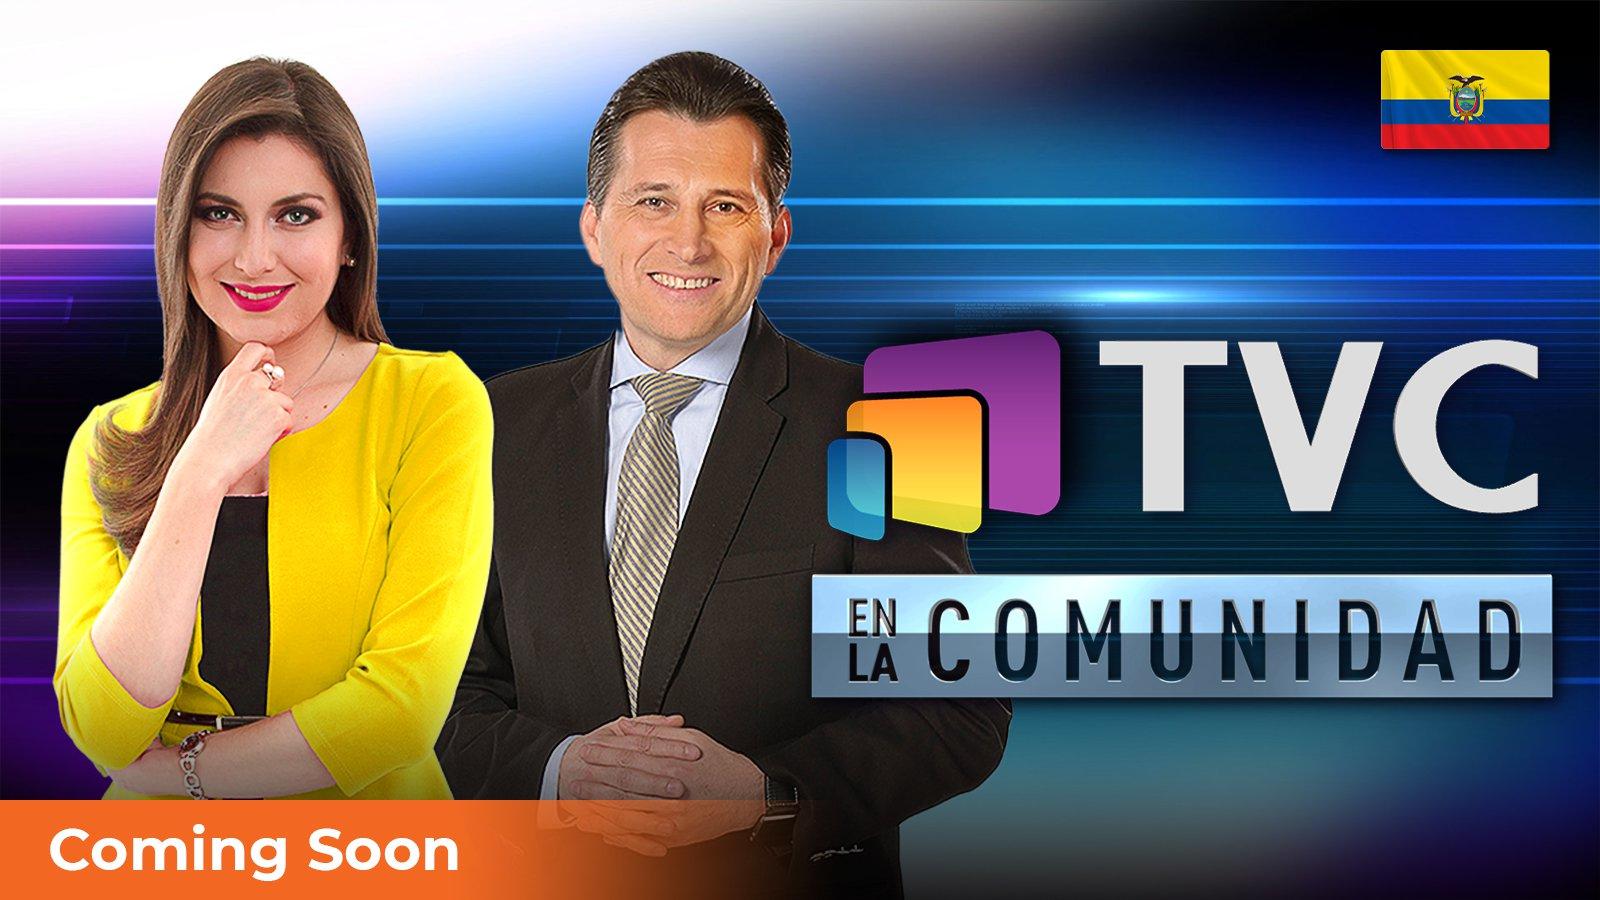 TVC en la Comunidad poster